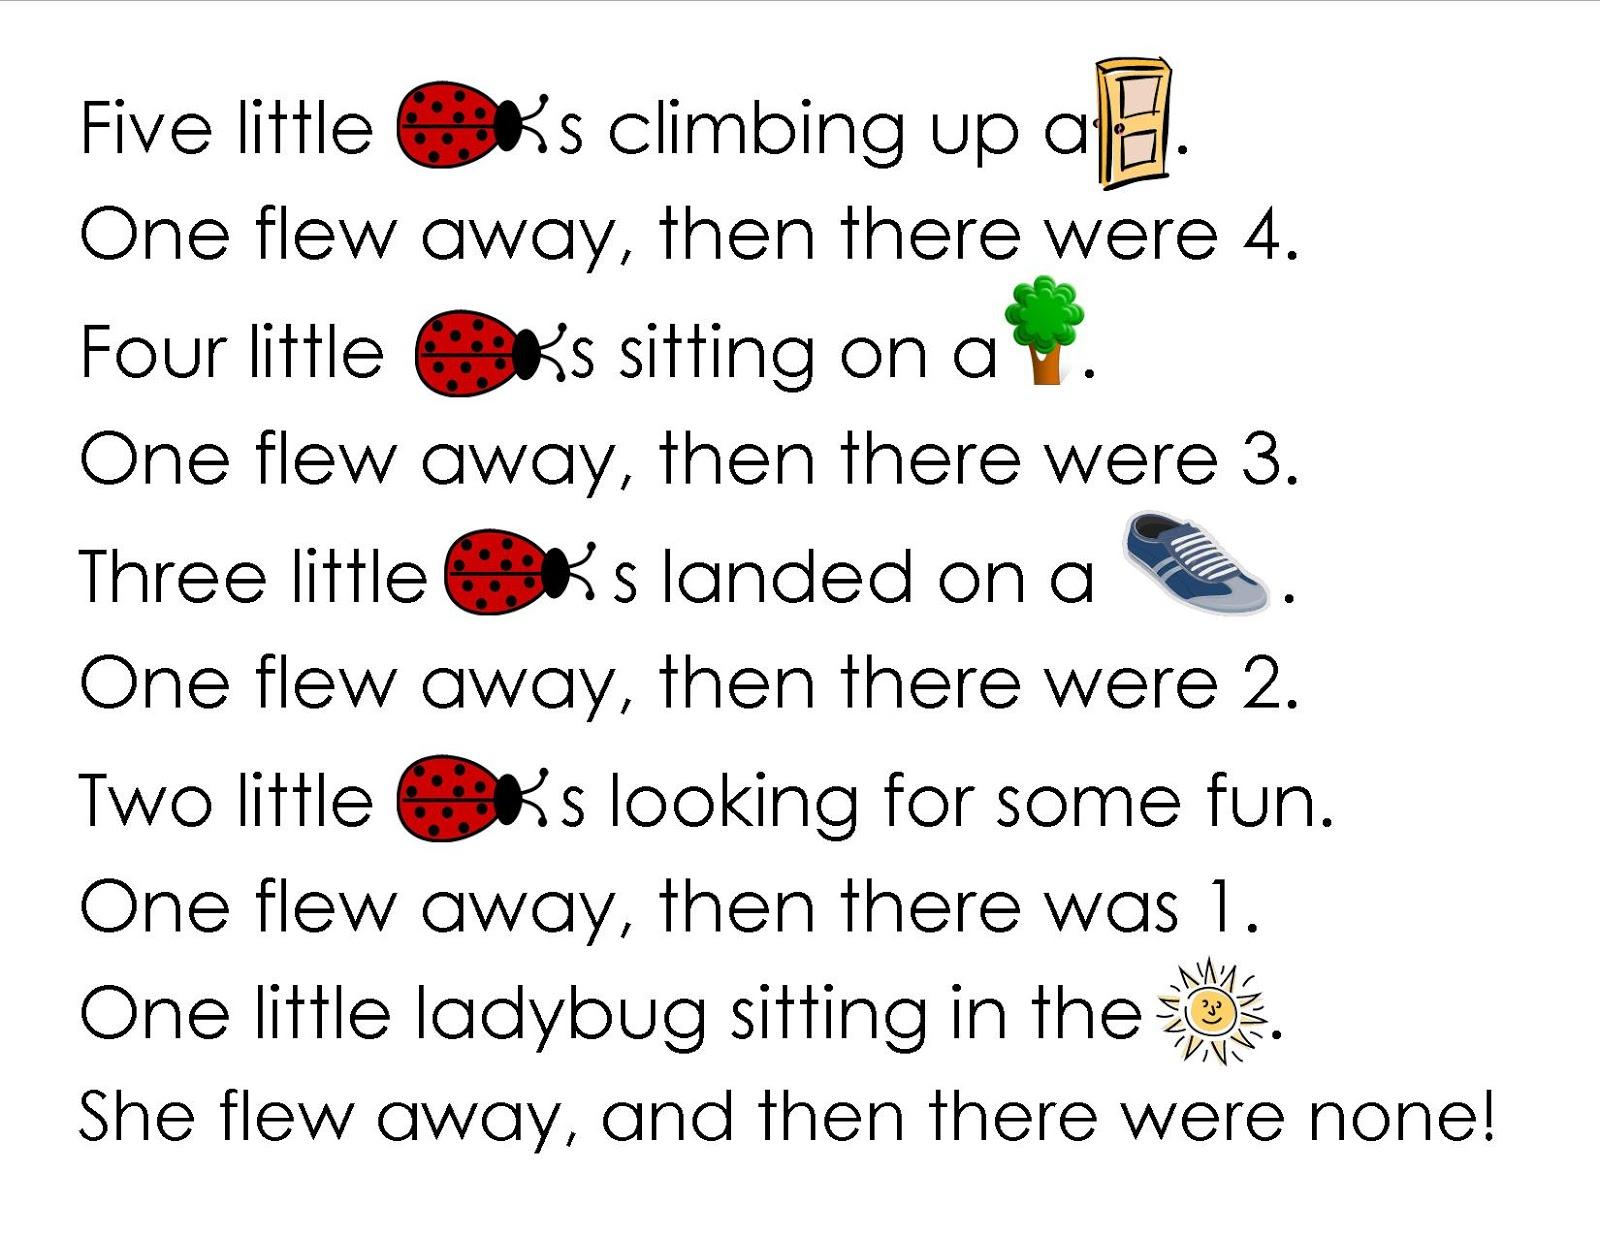 Wonderful Weka And Terrific Toutouwai Our Ladybug Poem